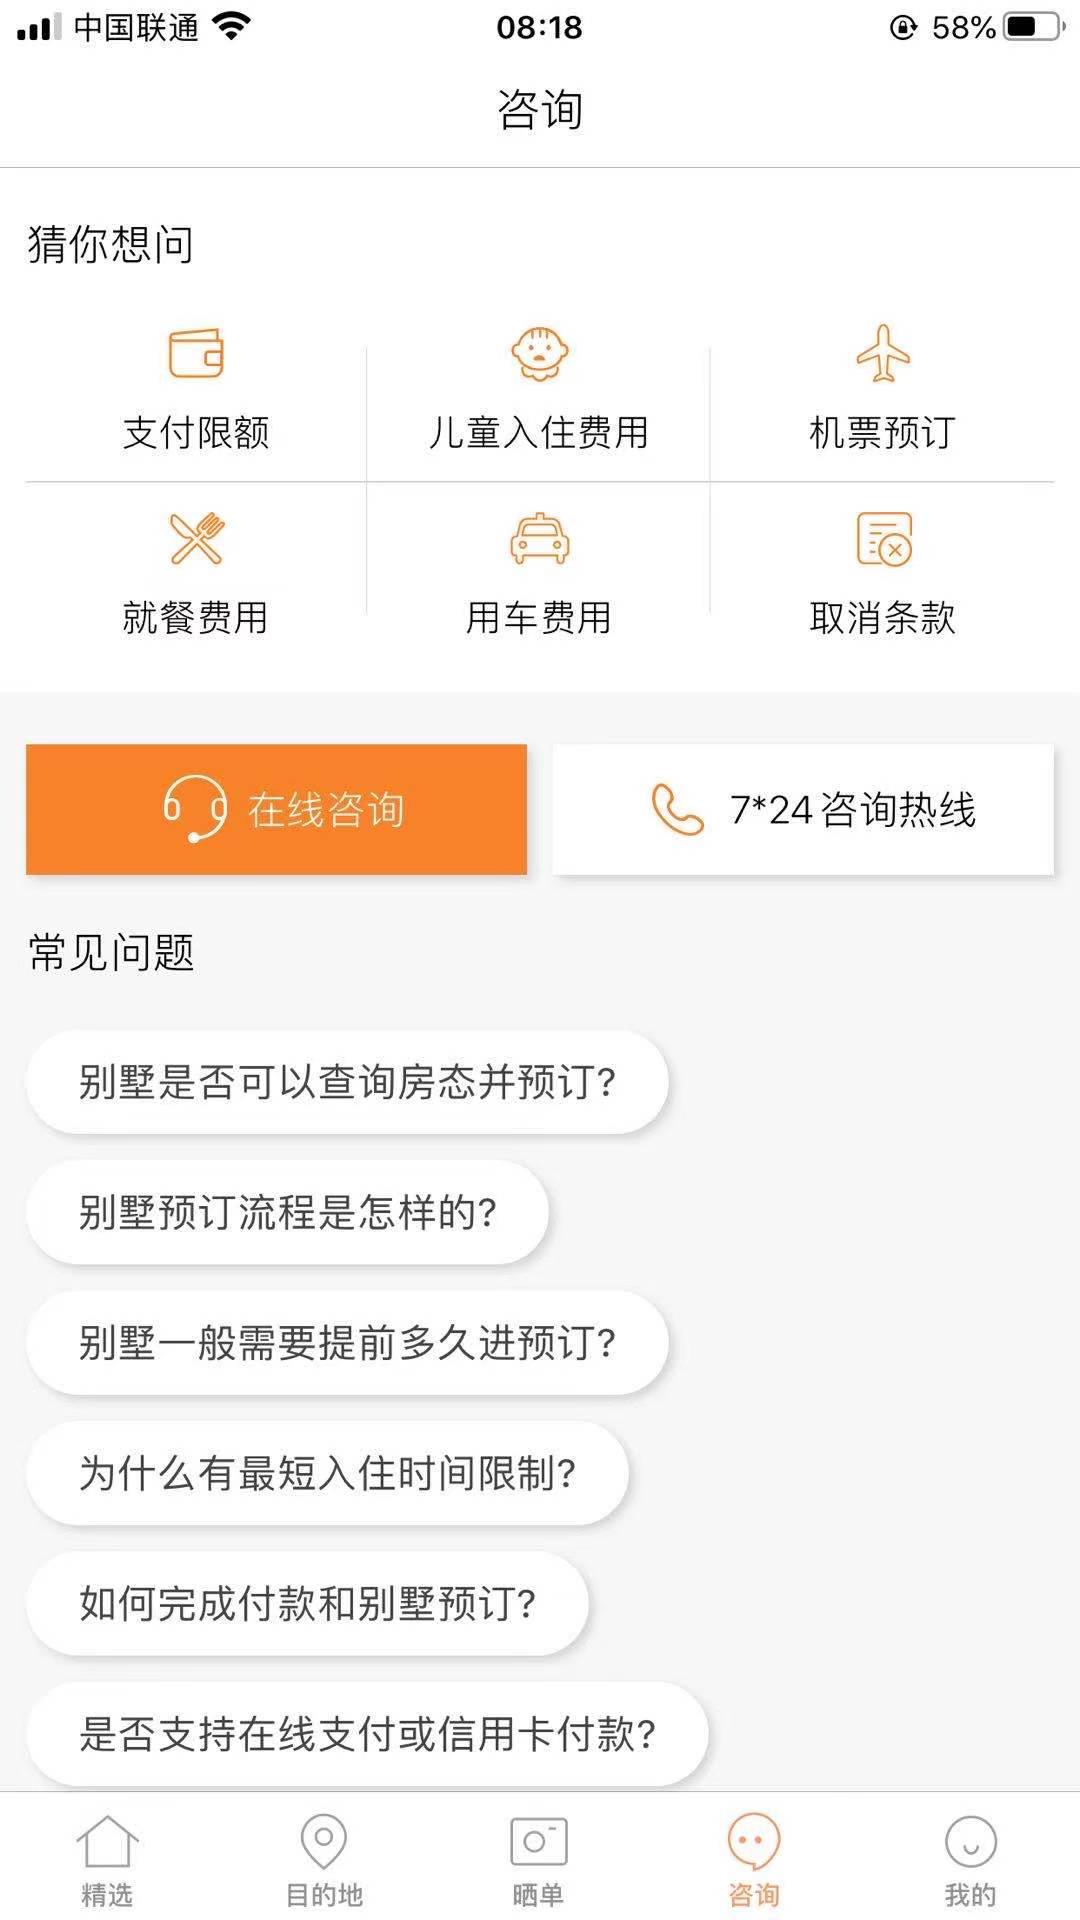 微信图片 202101051937512 别墅预定,线路预定,私人高端旅行app系统源码